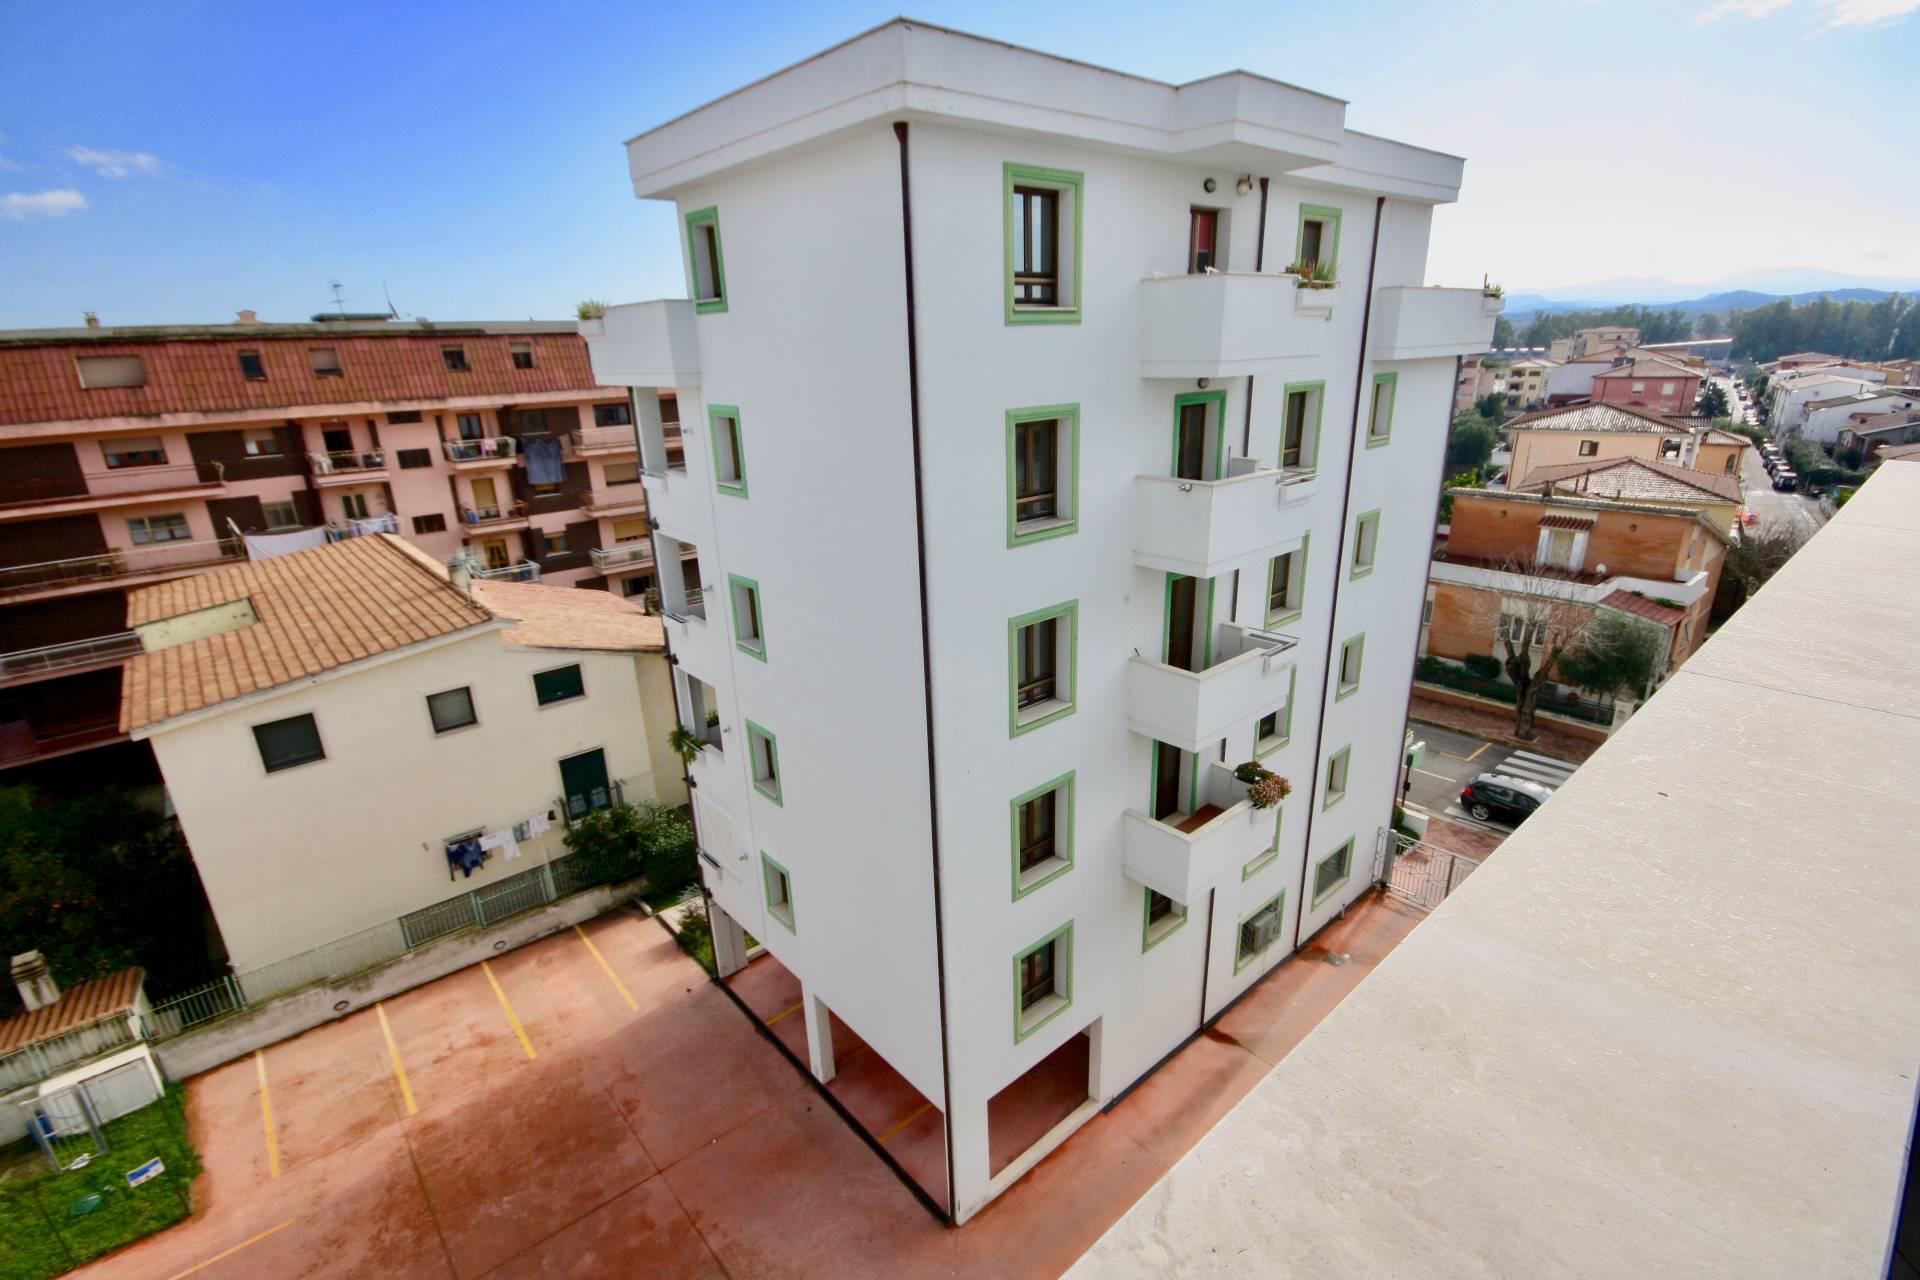 Appartamento in vendita a Olbia - Porto Rotondo, 2 locali, zona Località: Olbiacittà, prezzo € 130.000   CambioCasa.it